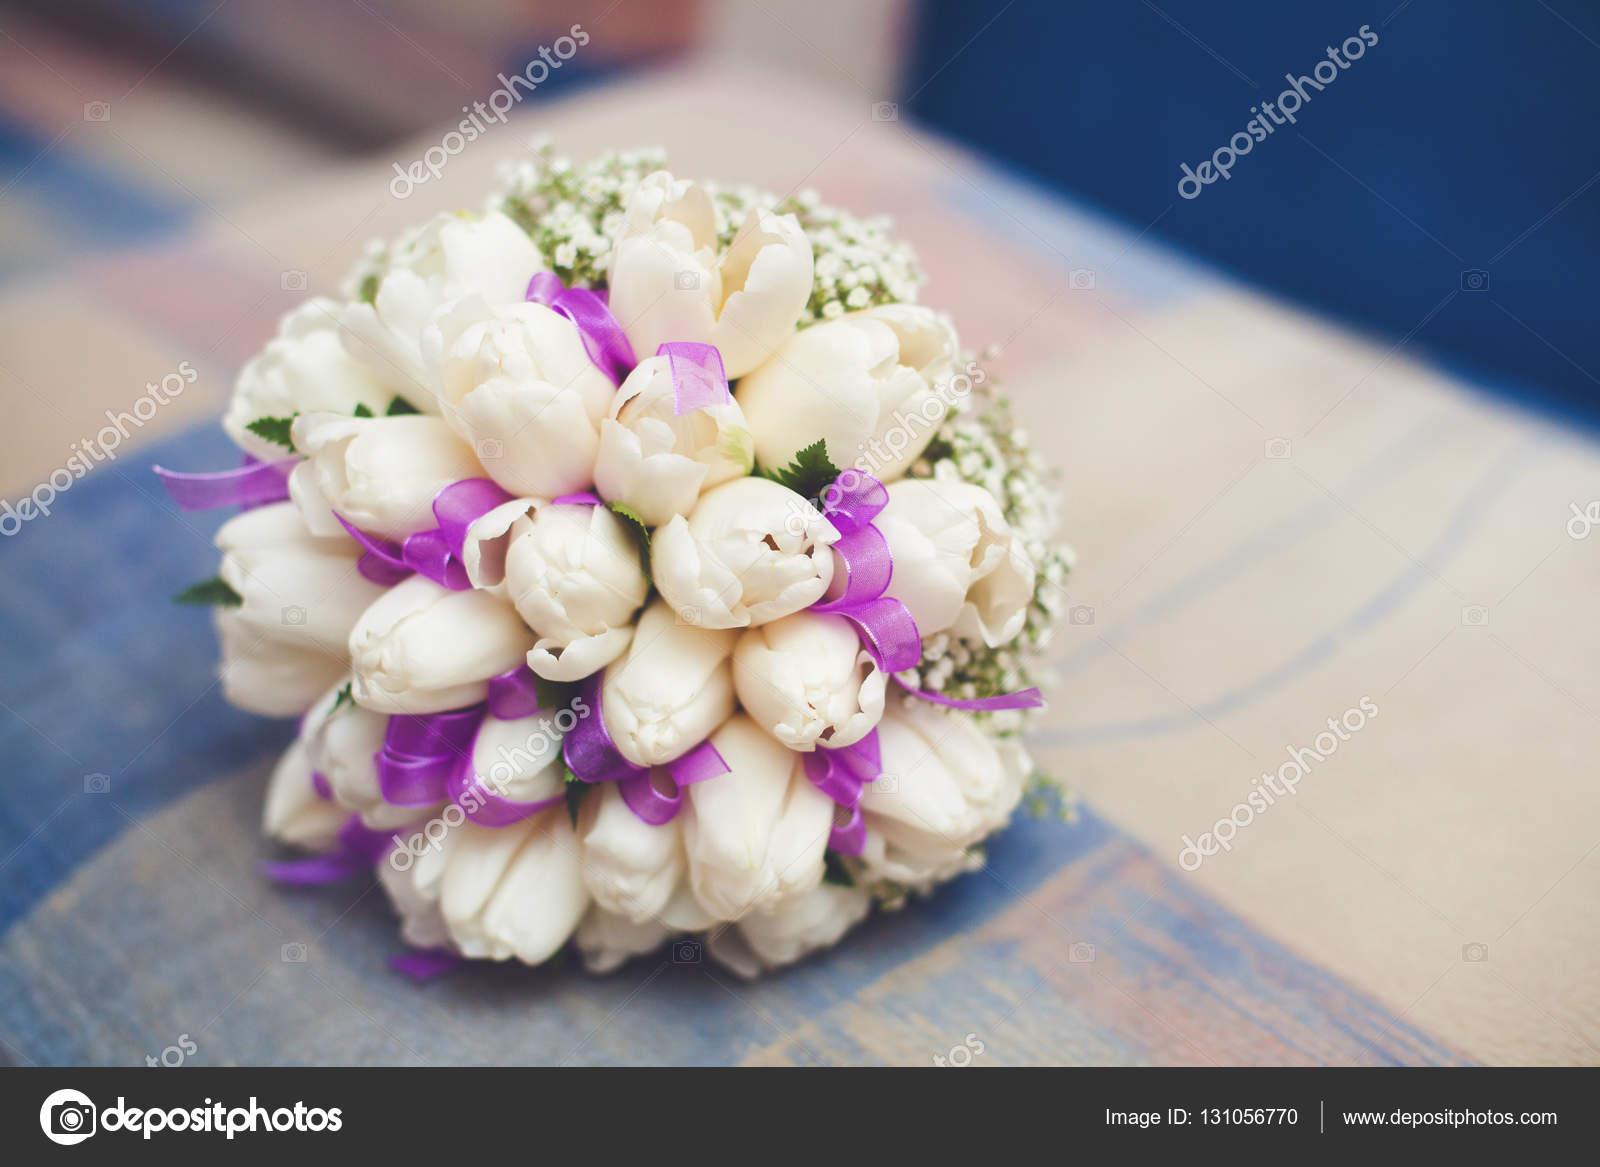 Weisse Hochzeitsstrauss Tulpen Mit Lila Schleife Auf Sofa Stockfoto